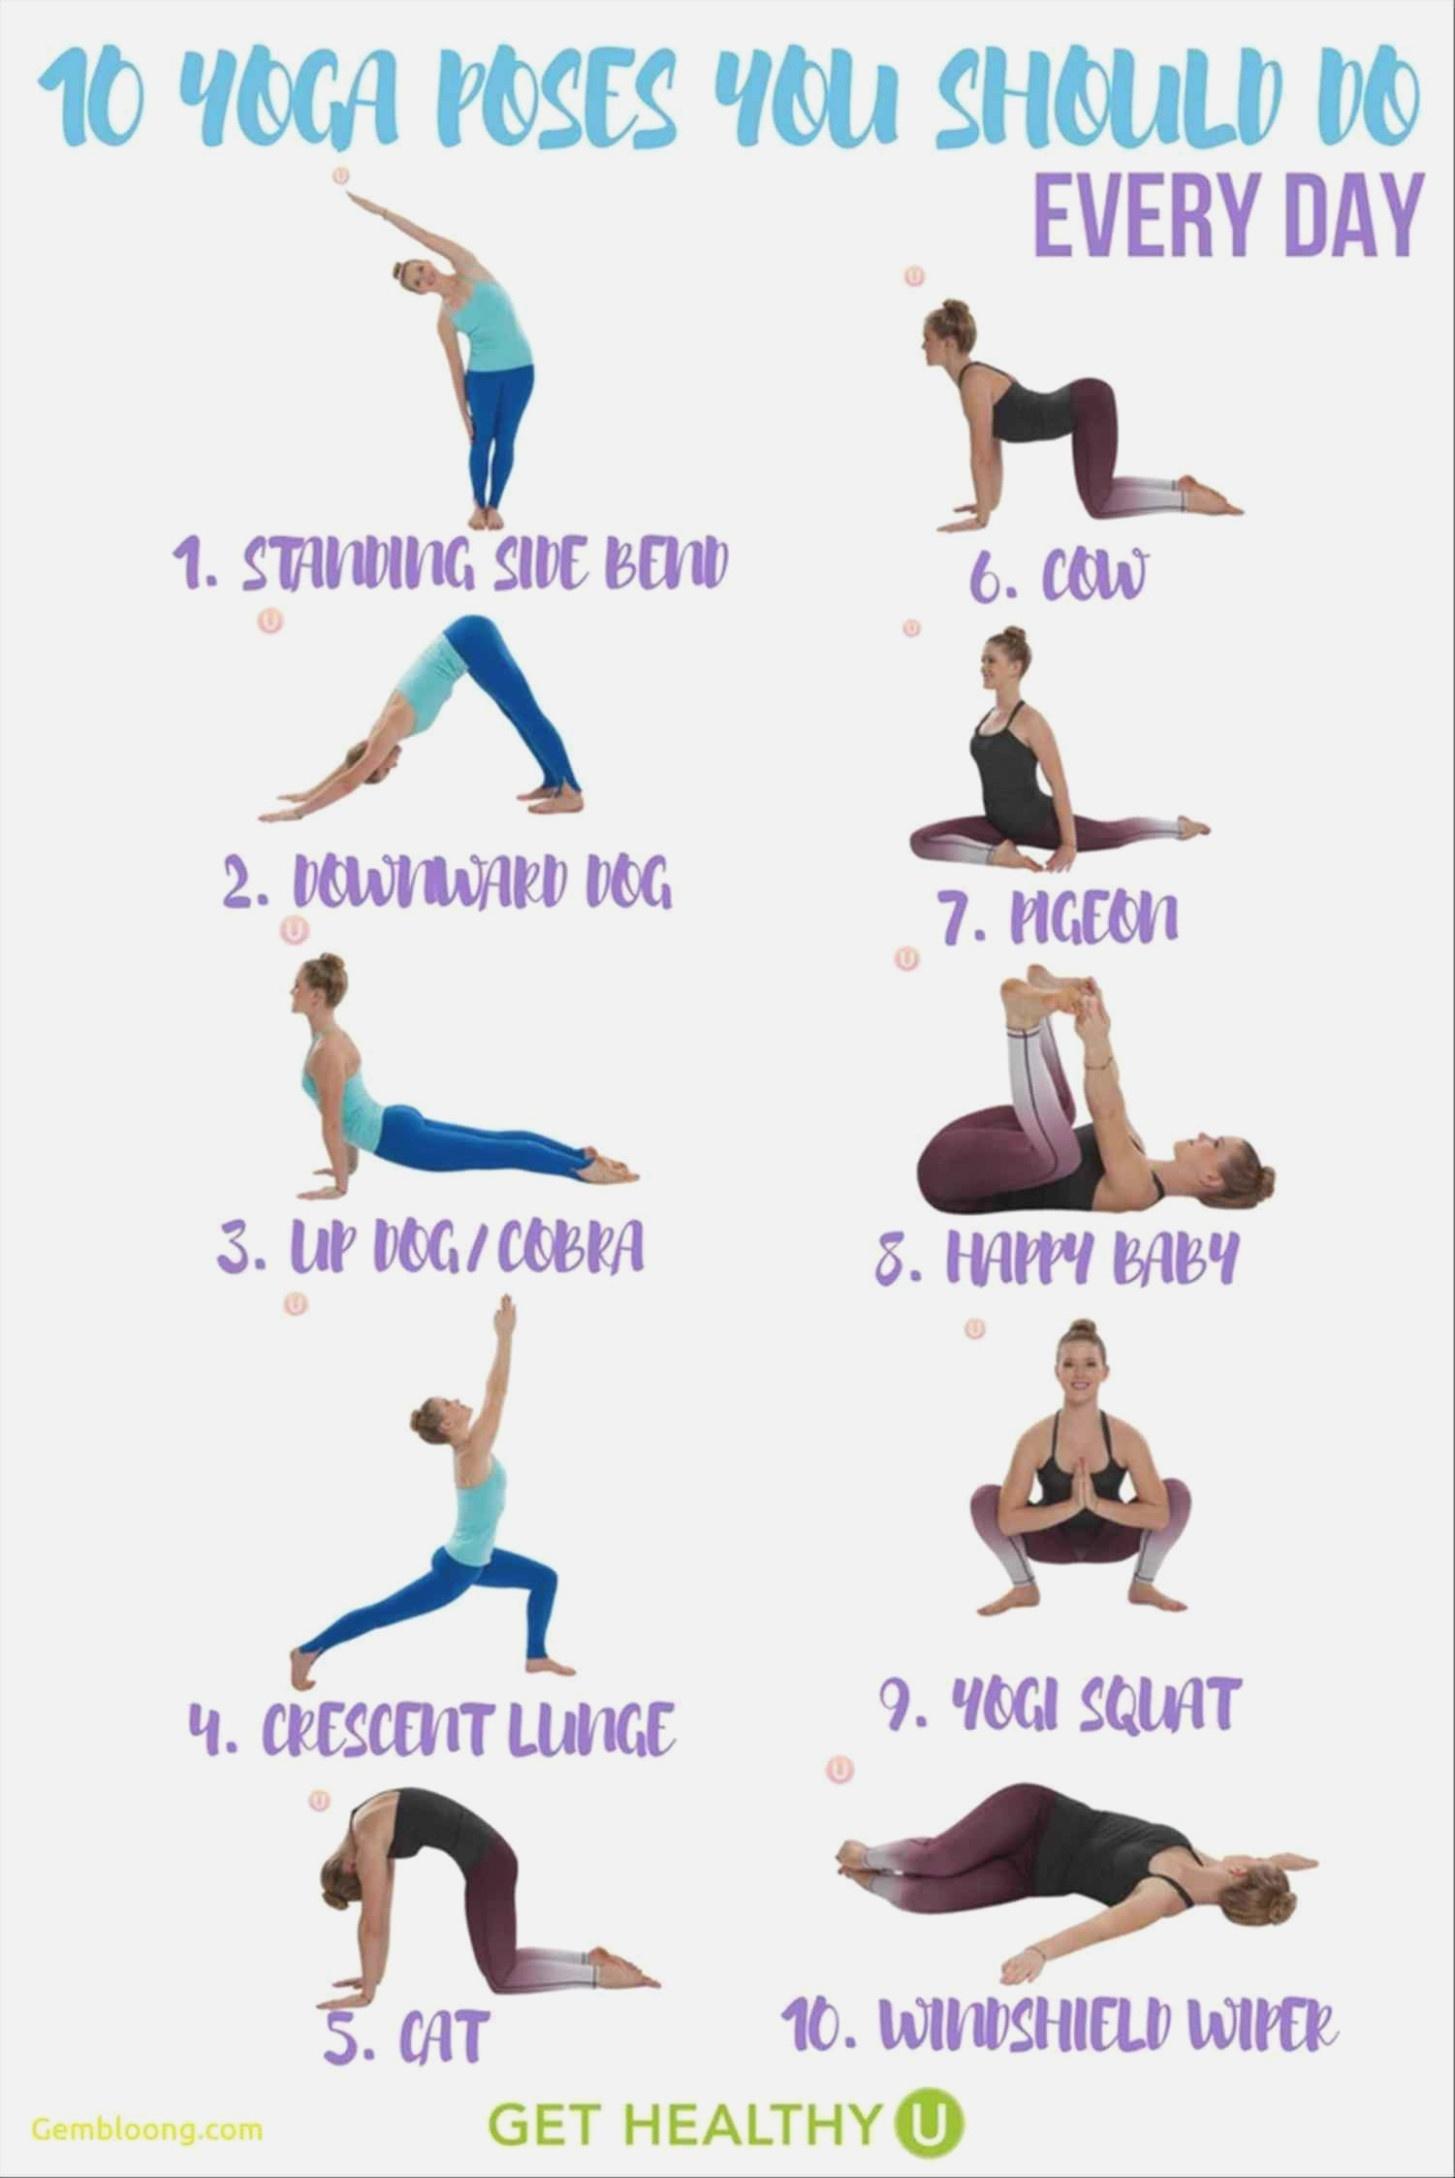 Basic Yoga Poses Printable Chart   Modern Life - Free Printable Yoga Poses